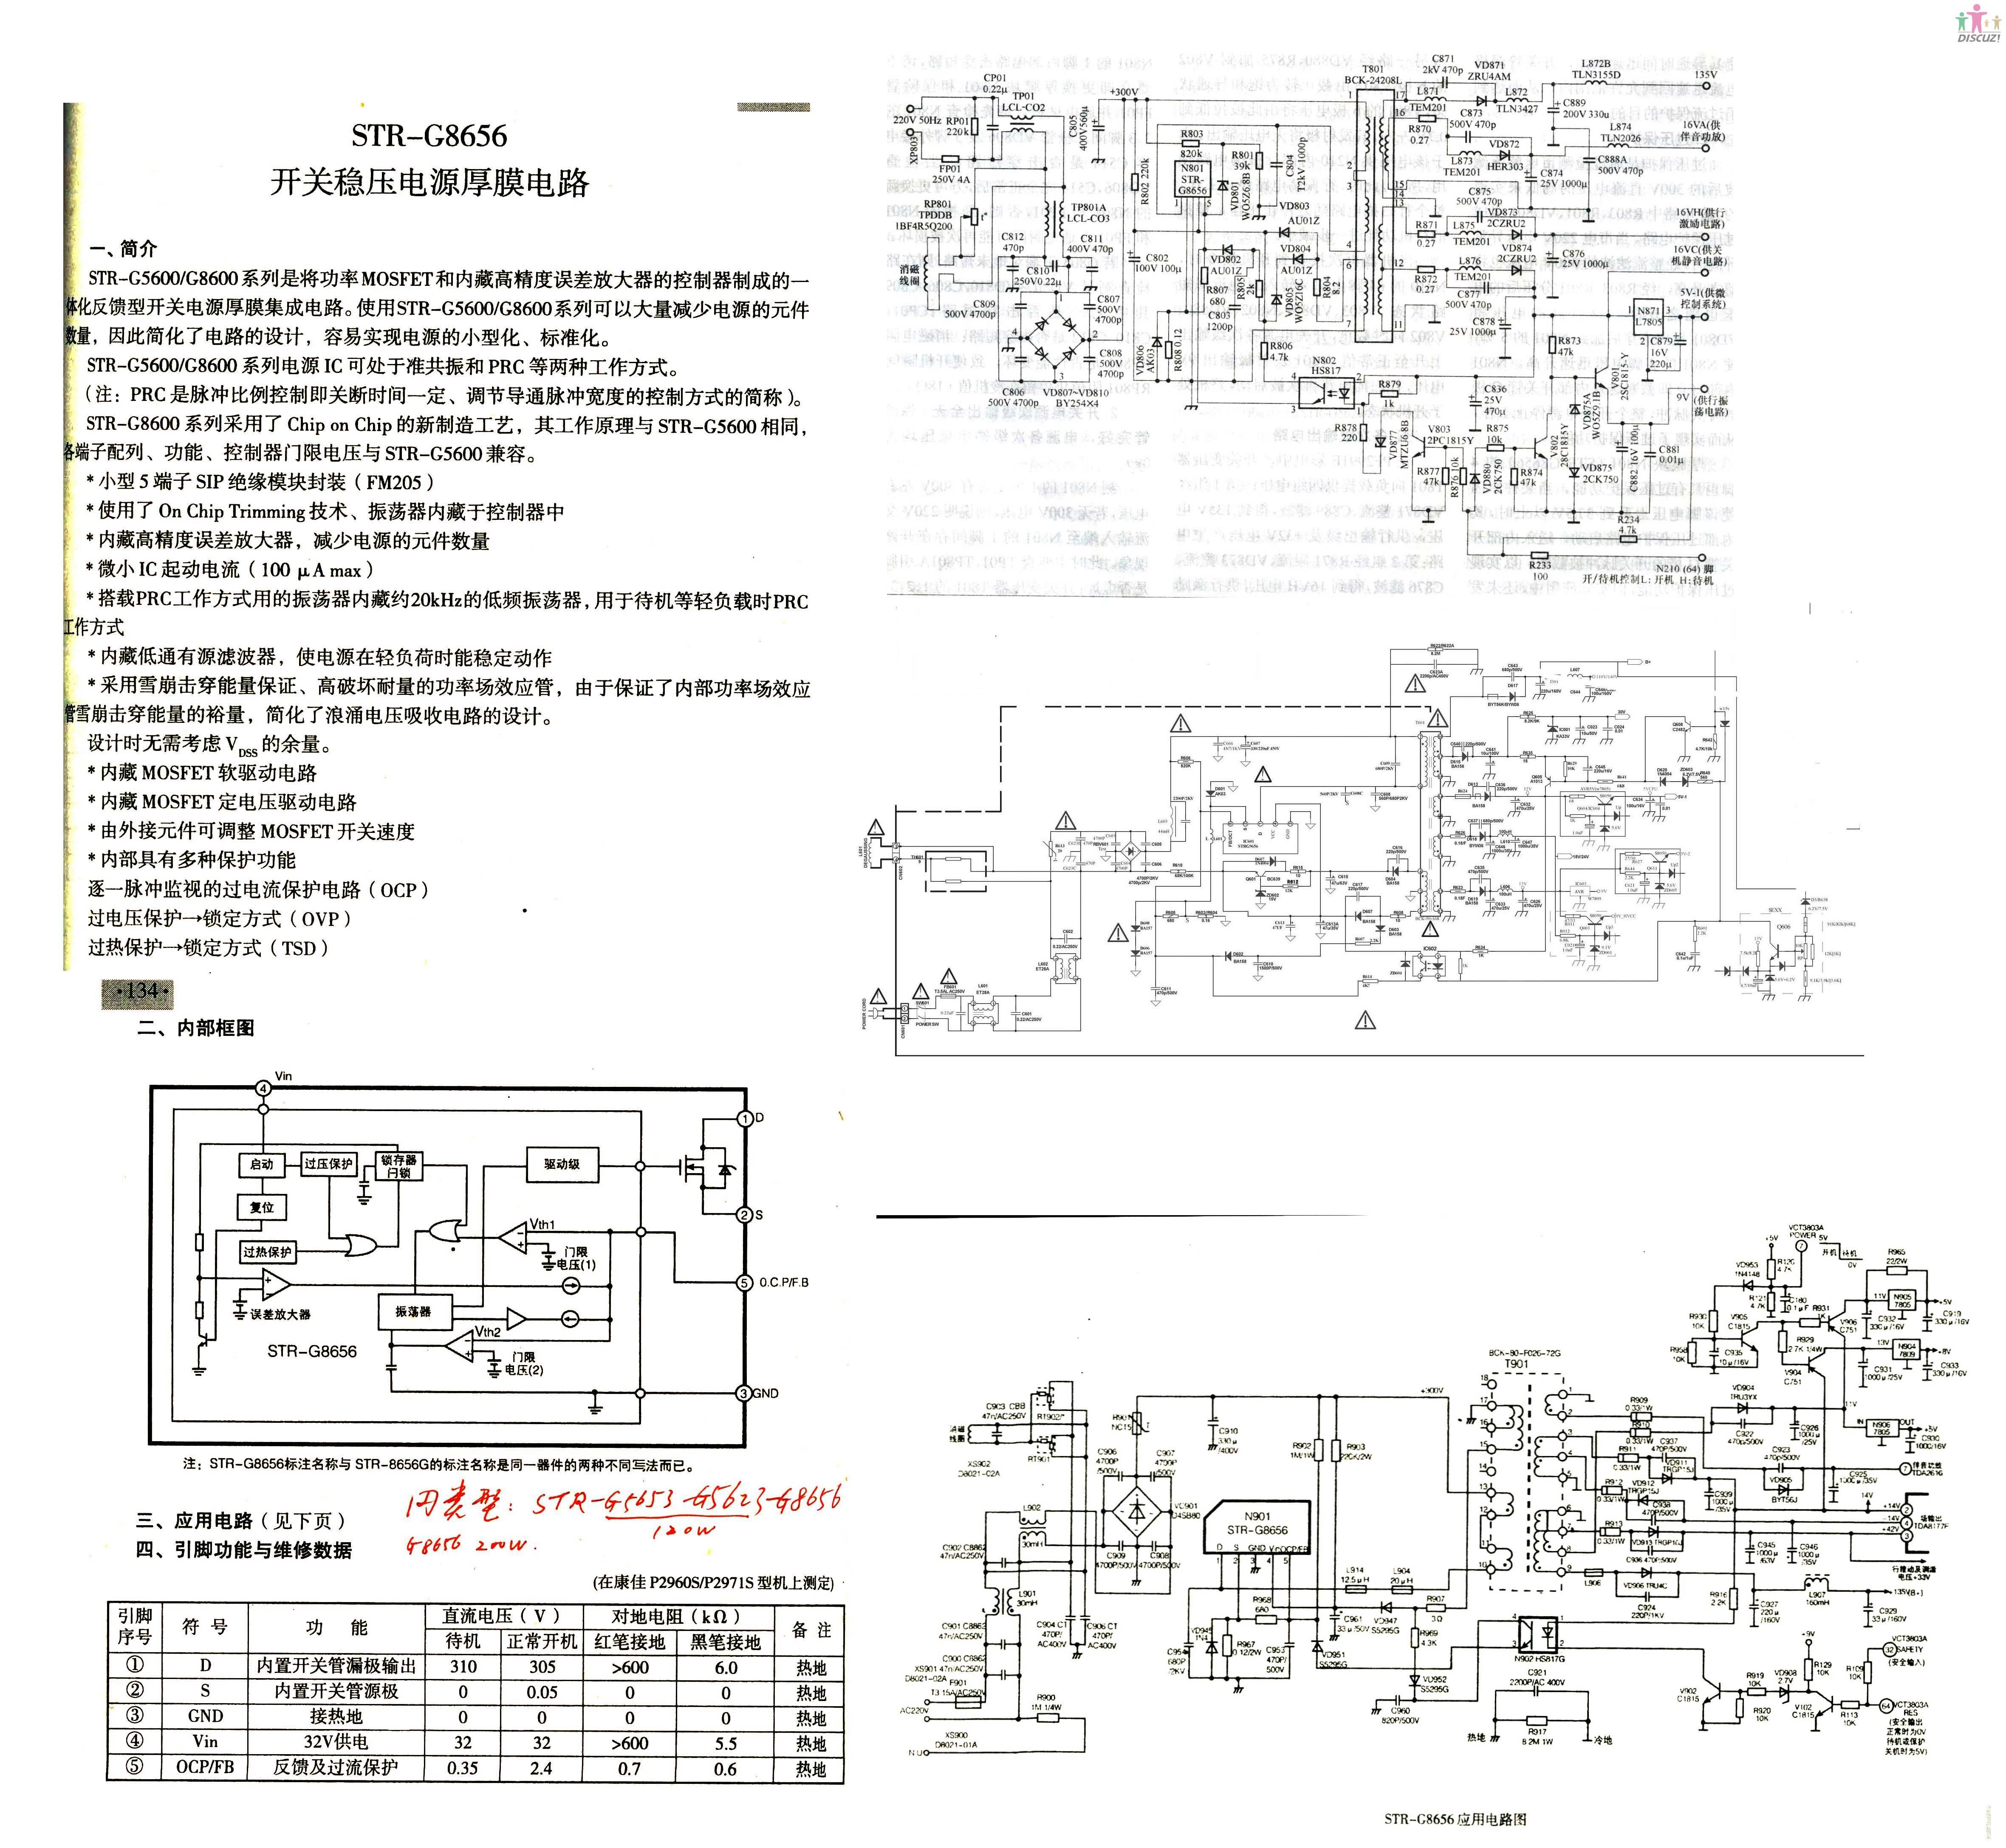 海信电视机中str9656和str8656可以带换吗?